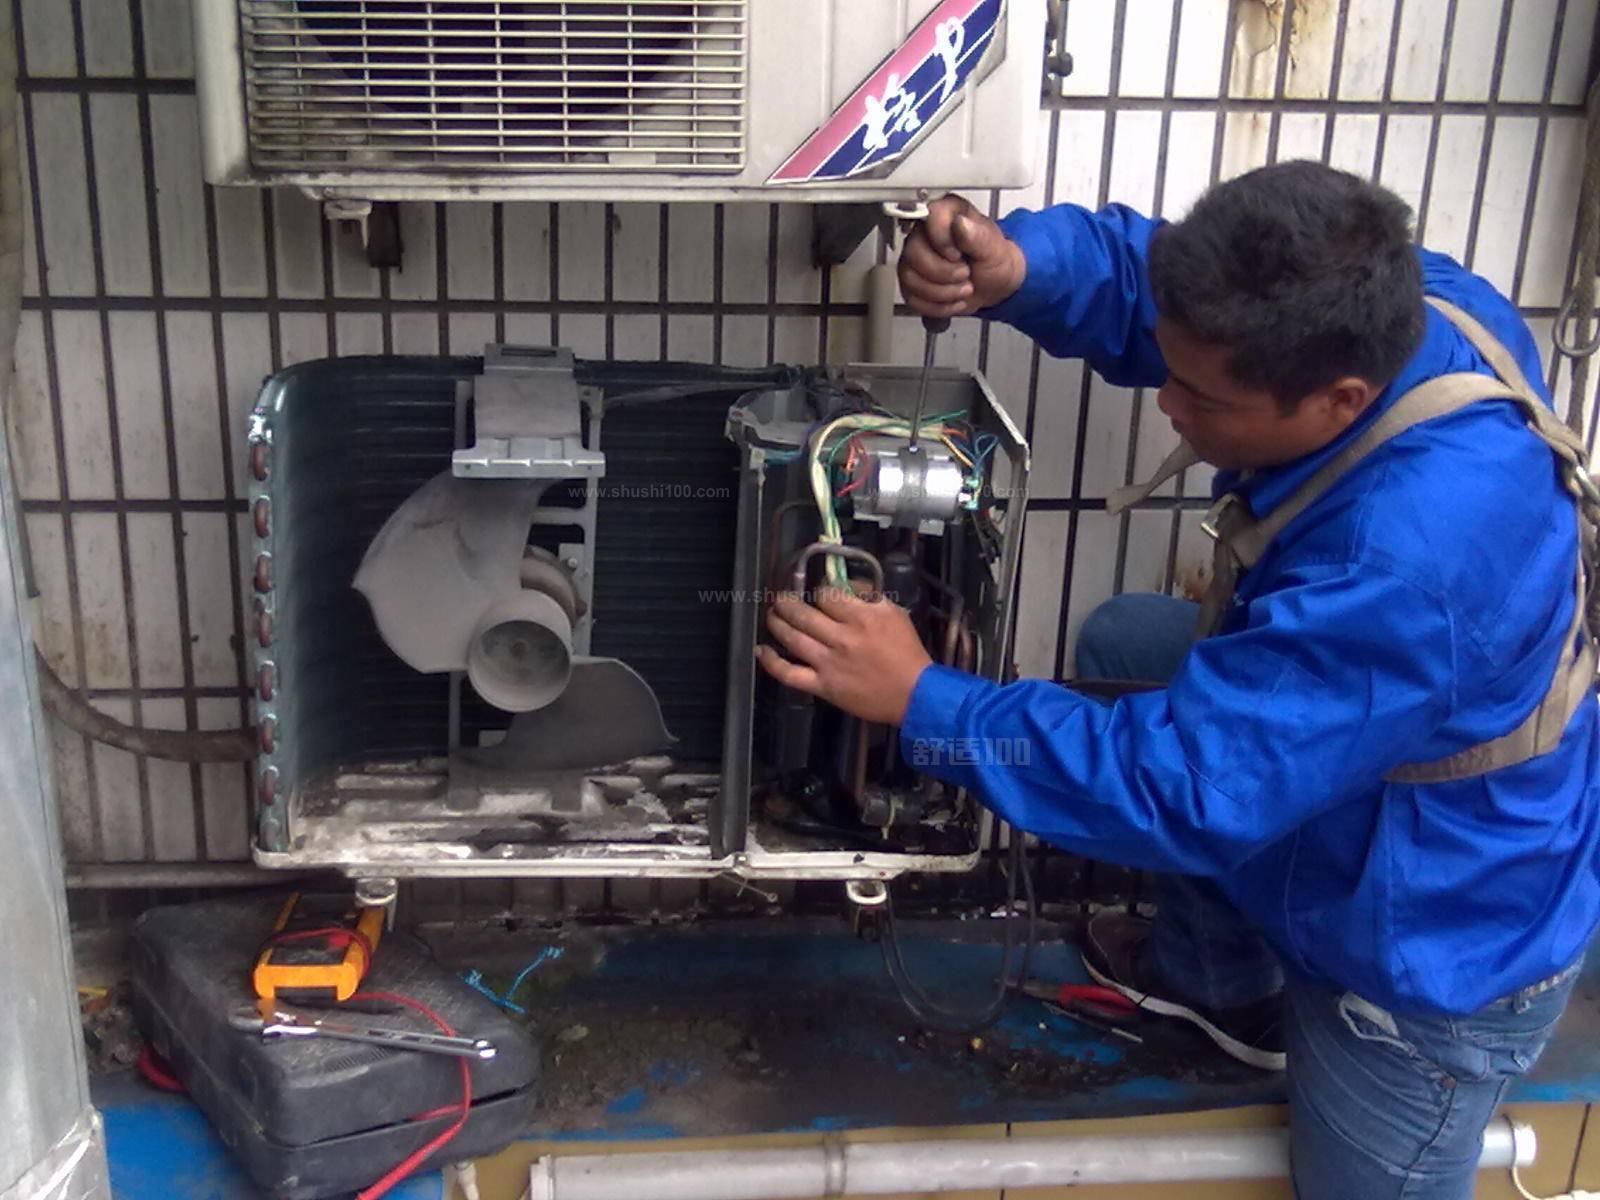 一、确定安装位置。要充分考虑布局和对流避免安装在易产生噪声振动的地方,使气流组织合理、通畅下面这些地方最好要避开:易燃气体发生泄漏的地方或有强烈腐蚀气体的环境;人工电场、磁场直接作用的地方;易产生噪声、振动的地方(比如:空调安在突出的阳台上会产生强烈共振,噪声大。一般安在卧室的窗户下面,隔着窗、墙,会大大减少噪声。 而且安在窗户下面伸手可及,以后清洗、维修、套空调罩什么的,都方便);自然条件恶劣的地方(如油烟、风沙极易损坏空调,直射的阳光或高温热源会使空调制冷不及时,冷气不冷);儿童易触及的地方。再者,最